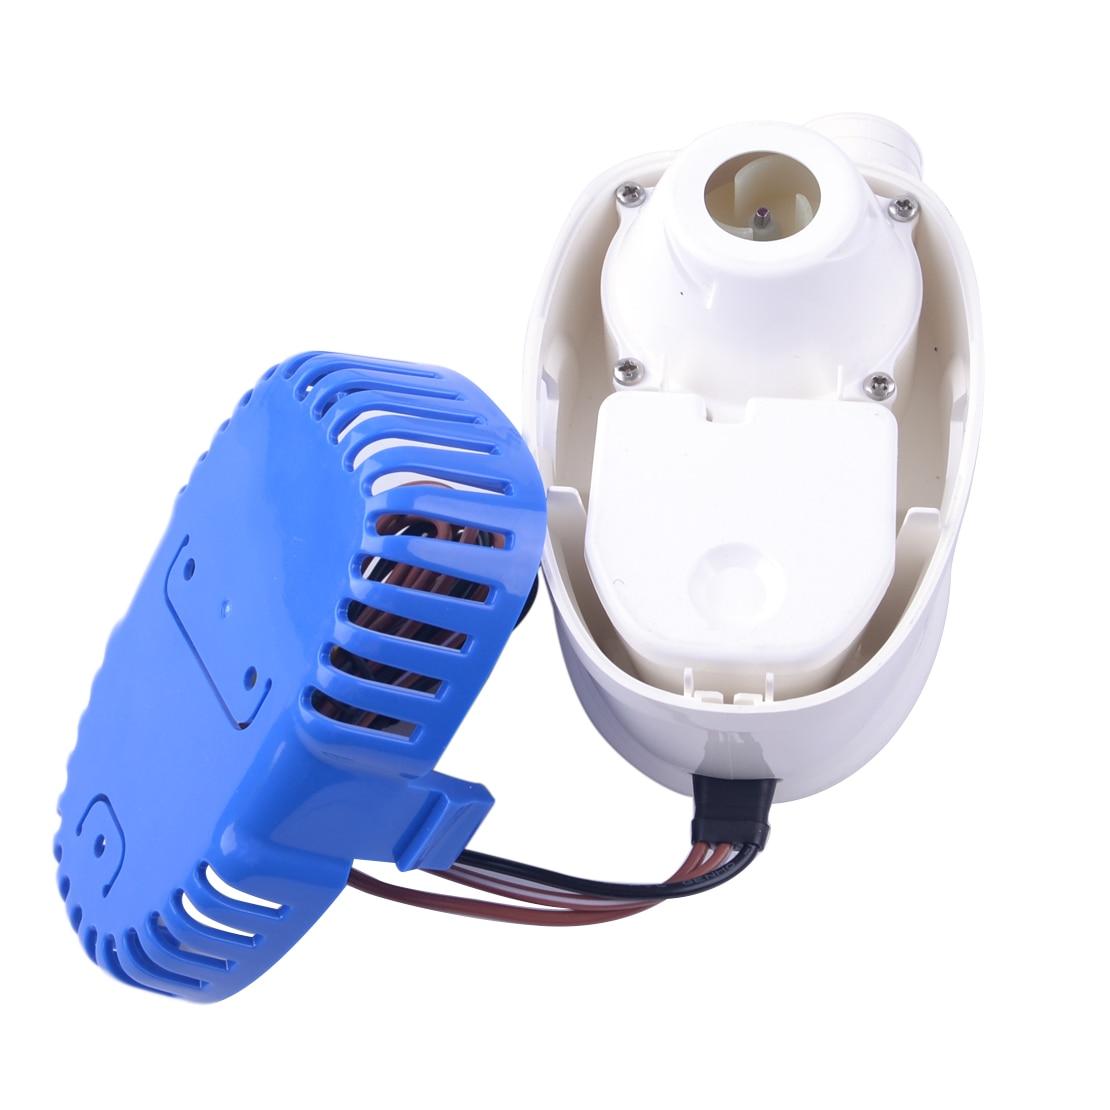 Pompe à eau automatique Submersible automatique de cale de CITALL 12 V 1100GPH 3.2A avec le commutateur de flotteur pour les coques marines de bateau/réservoirs d'appât de cale - 3